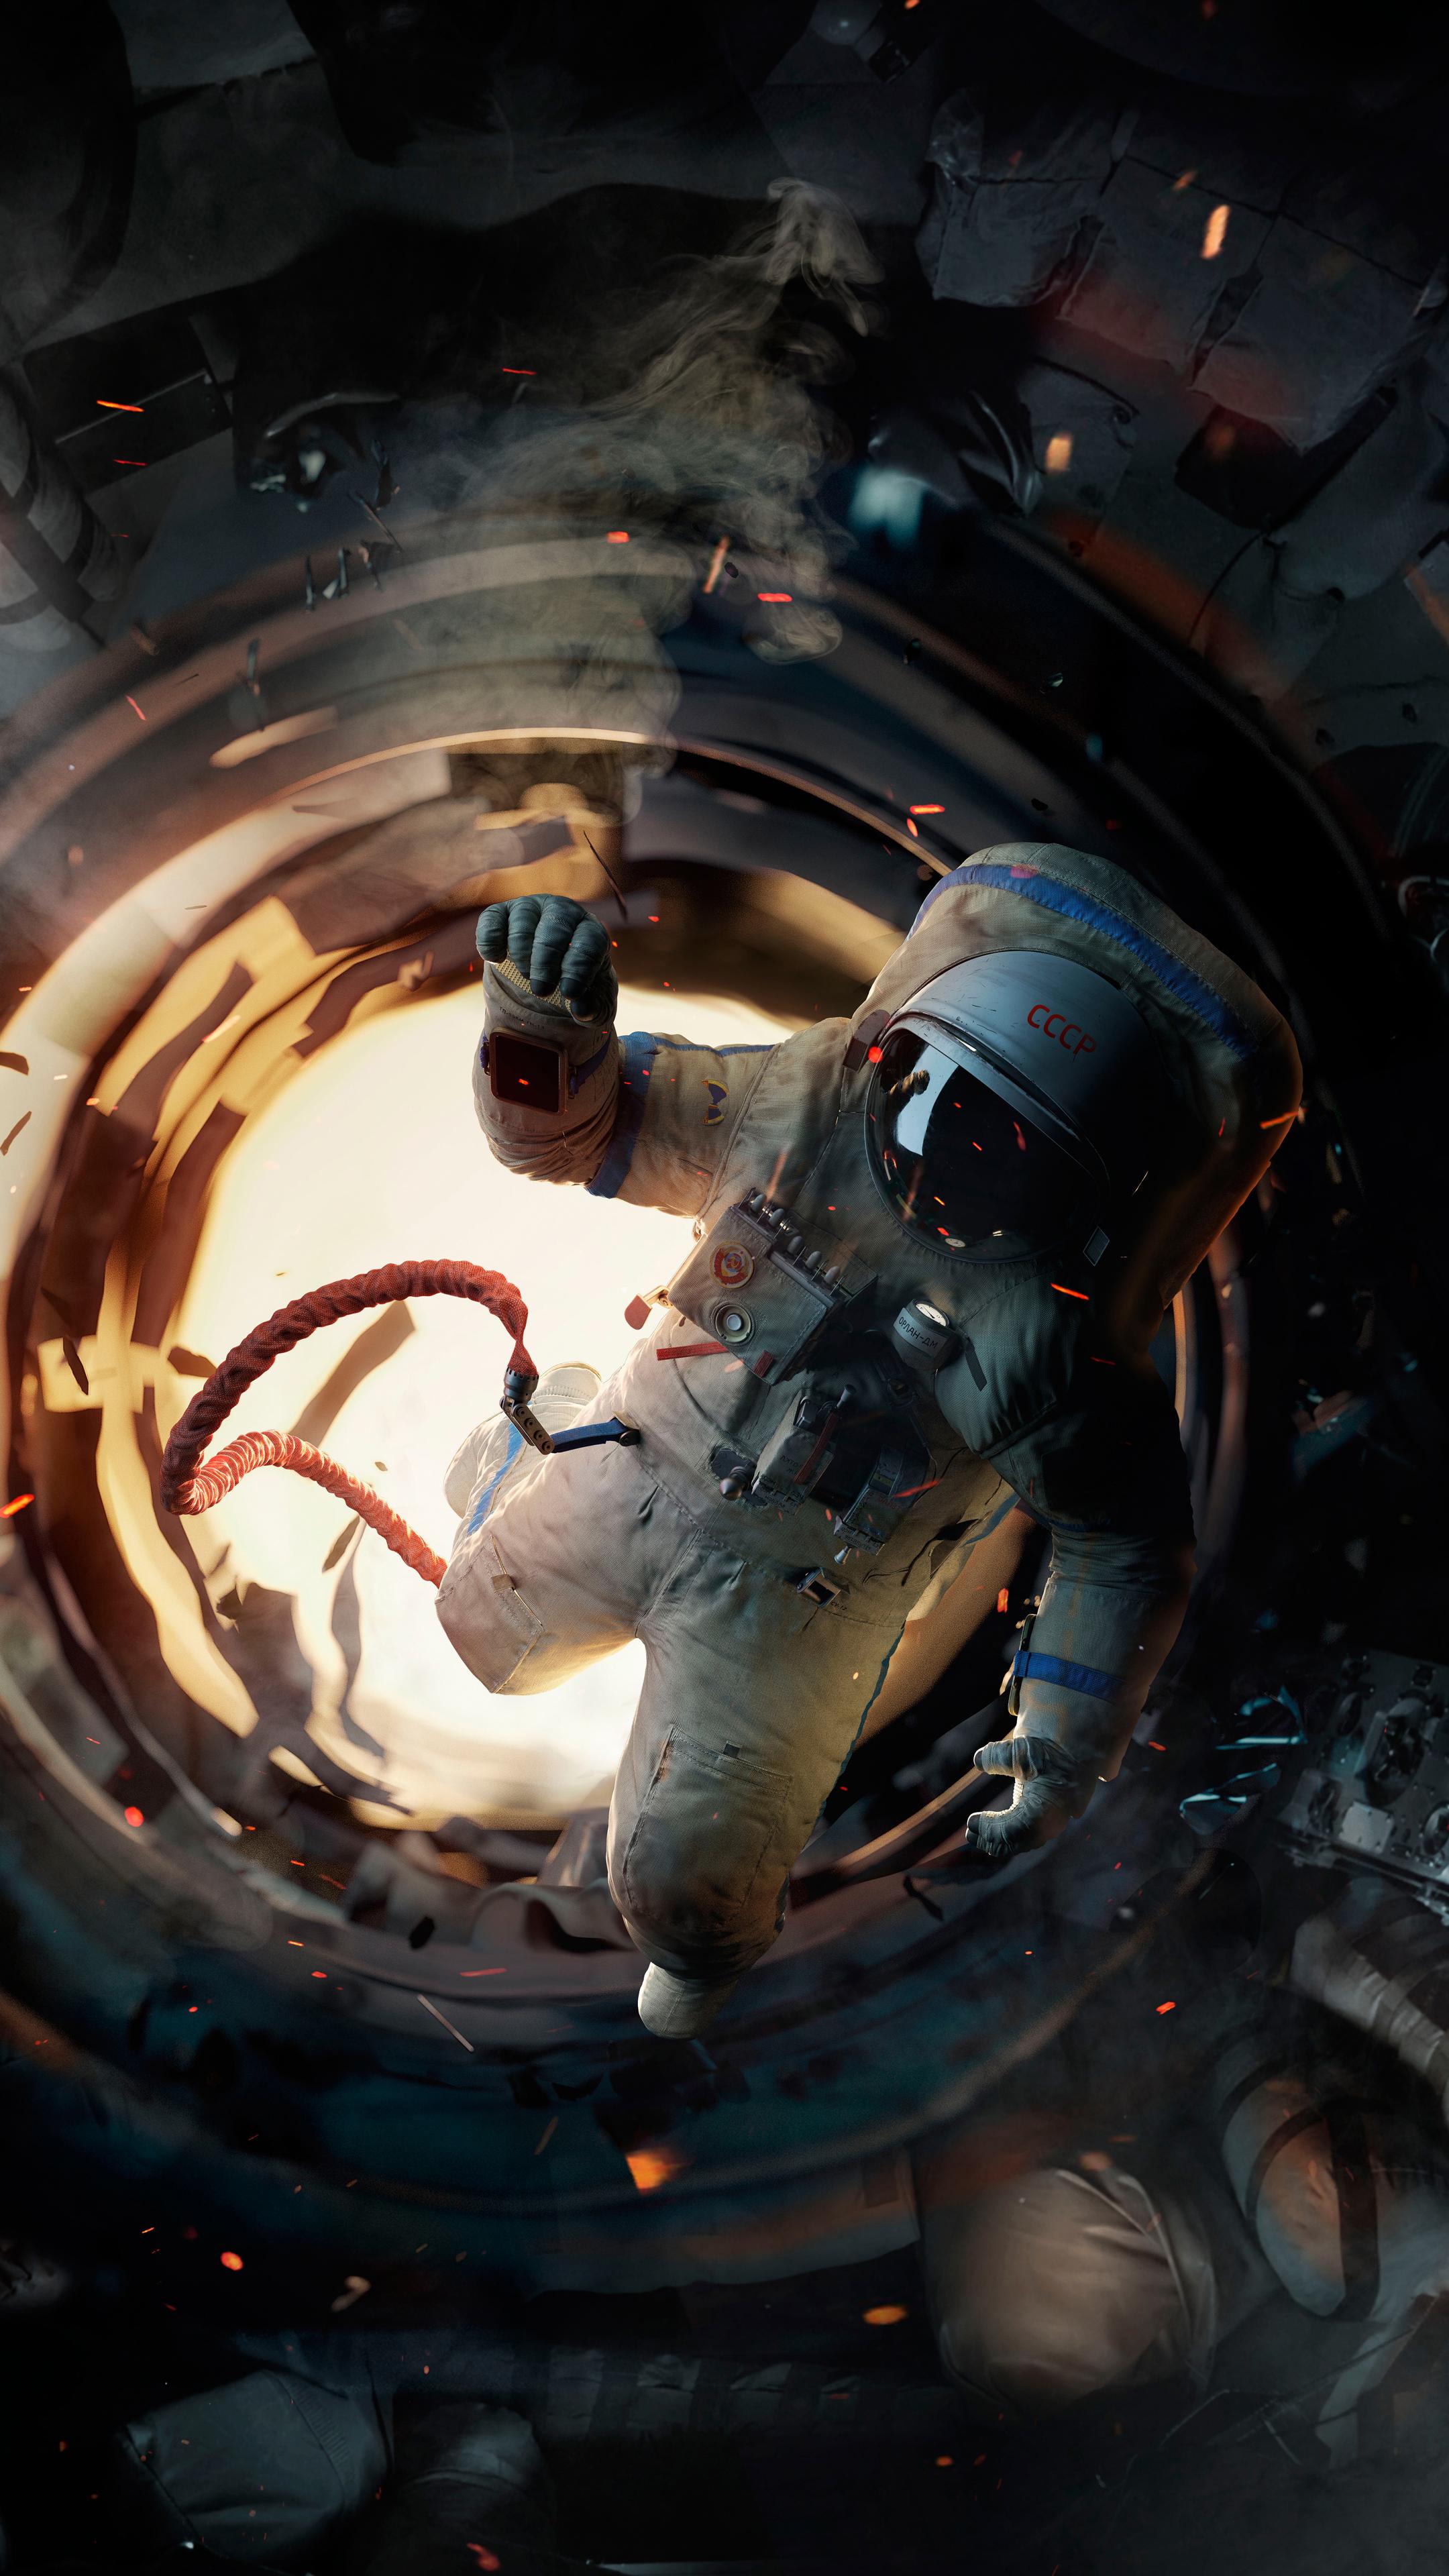 General 2160x3840 3D astronaut portrait display space space suit USSR